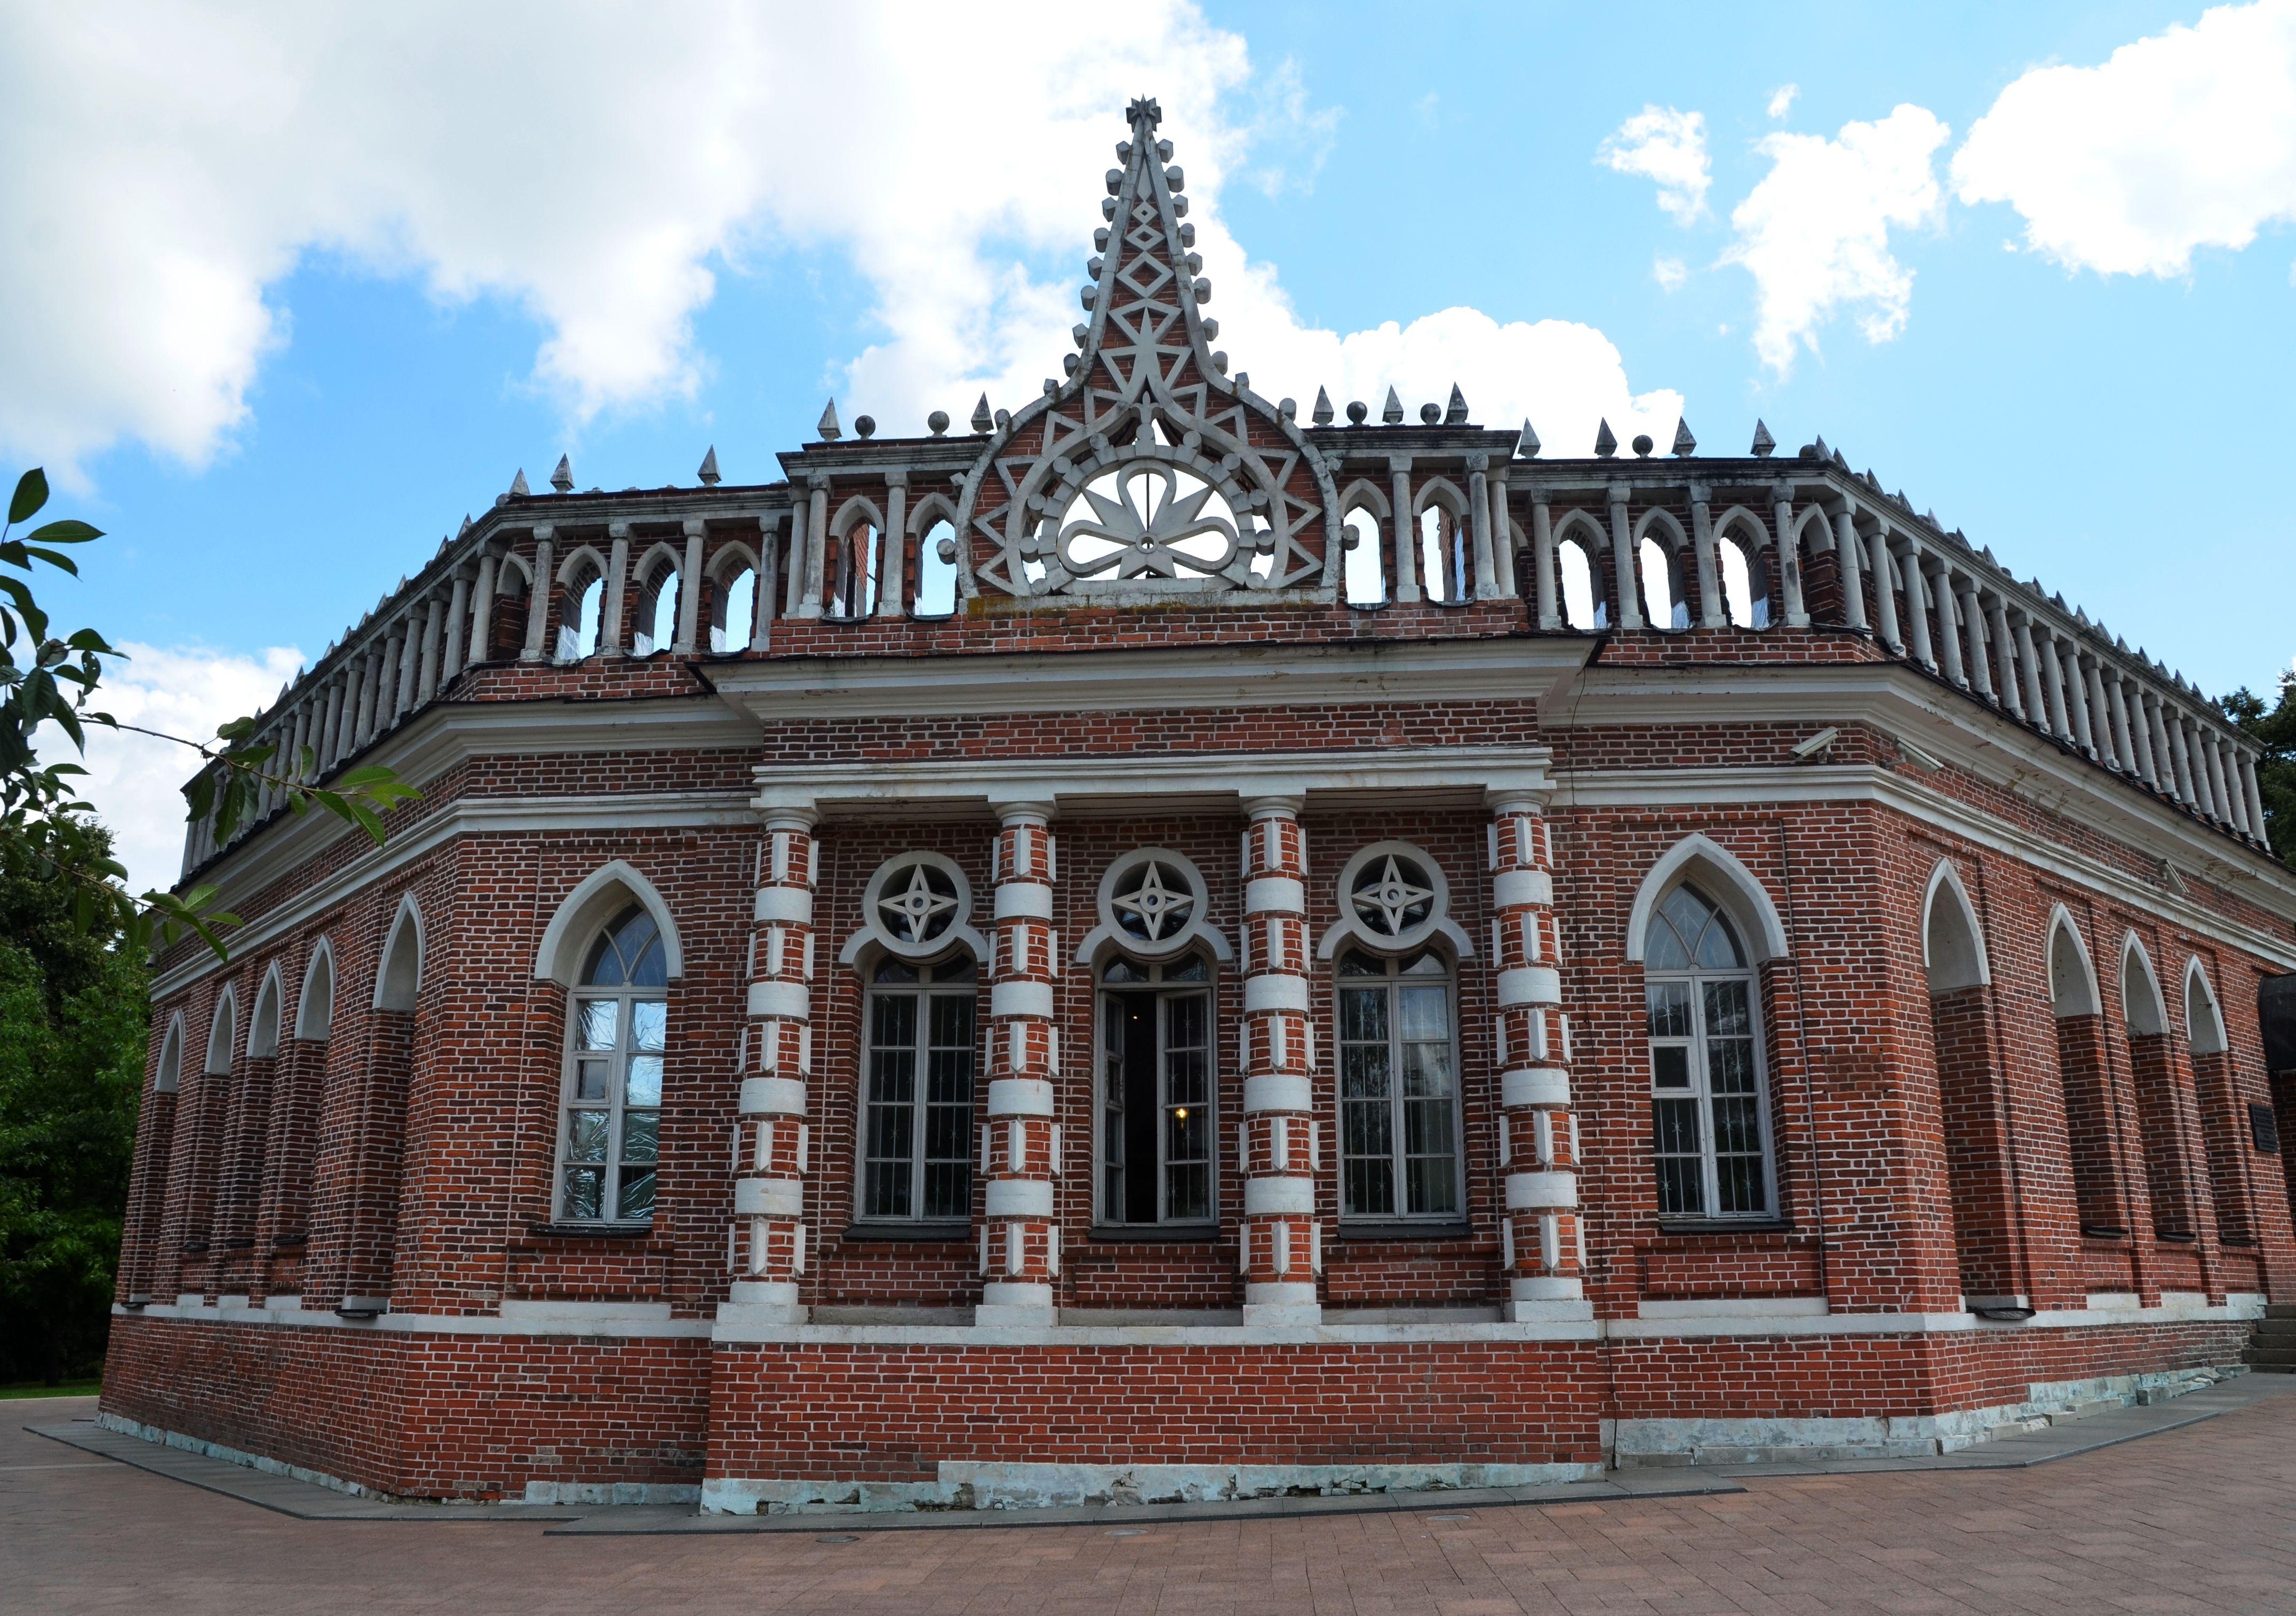 Колонны и пинакли: об архитектуре строений рассказали в «Царицыне»